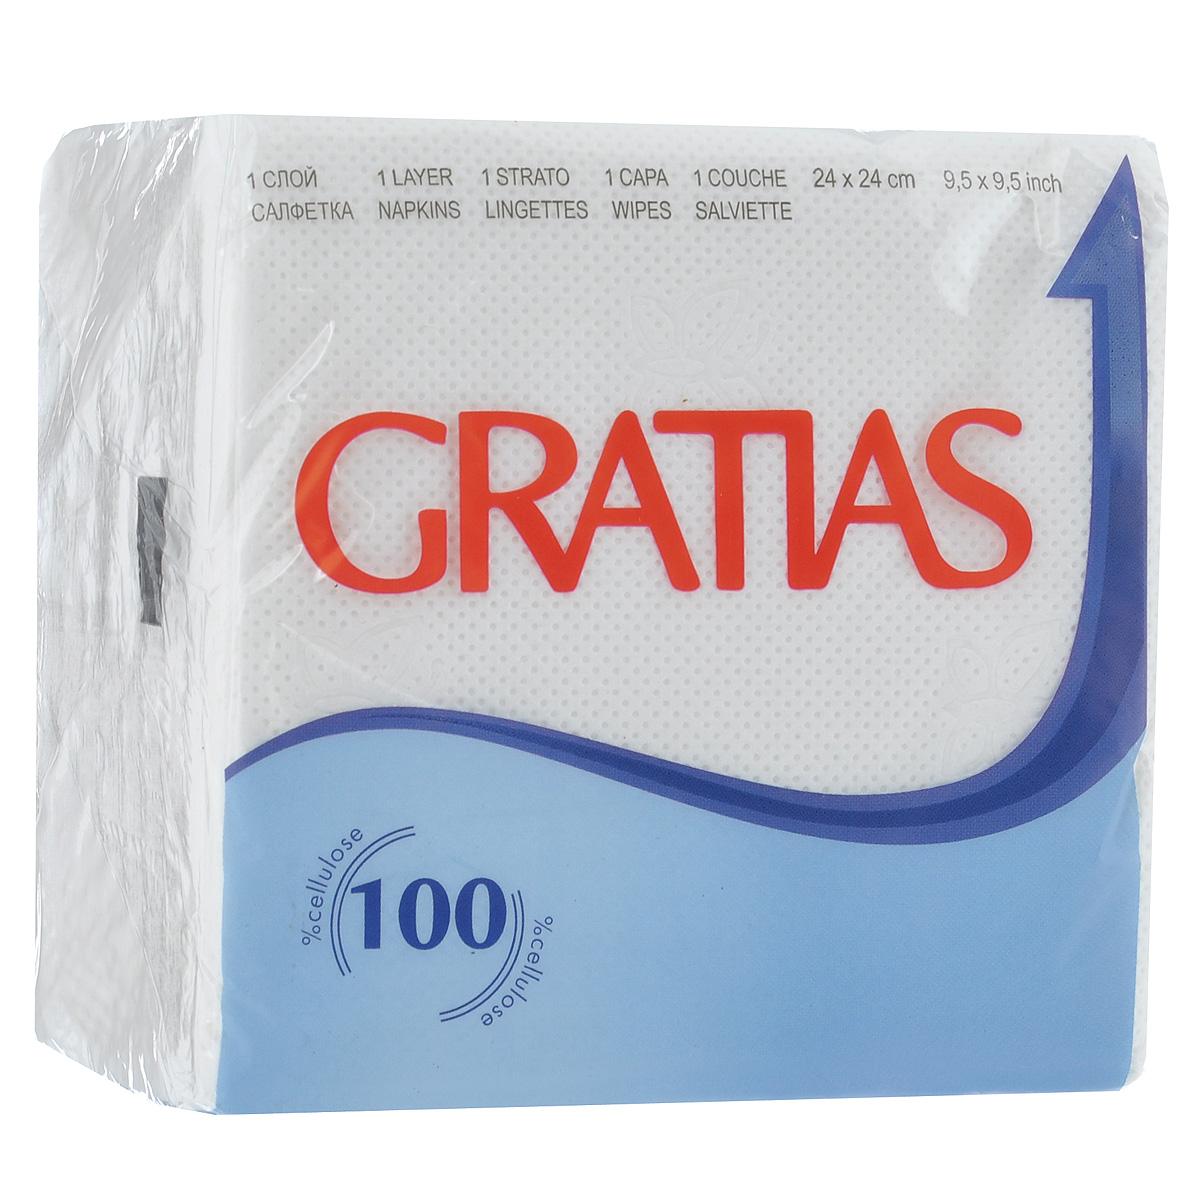 Салфетки бумажные Gratias, однослойные, 24 х 24 см, 90 шт790009Однослойные бумажные салфетки Gratias мягкие, но в то же время прочные. Они оформлены тиснением в виде бабочек. Подходят для косметического, санитарно-гигиенического и хозяйственного назначения. Обладают хорошими впитывающими свойствами. Материал: 100% целлюлоза. Размер салфетки: 24 см х 24 см. Комплектация: 90 шт.